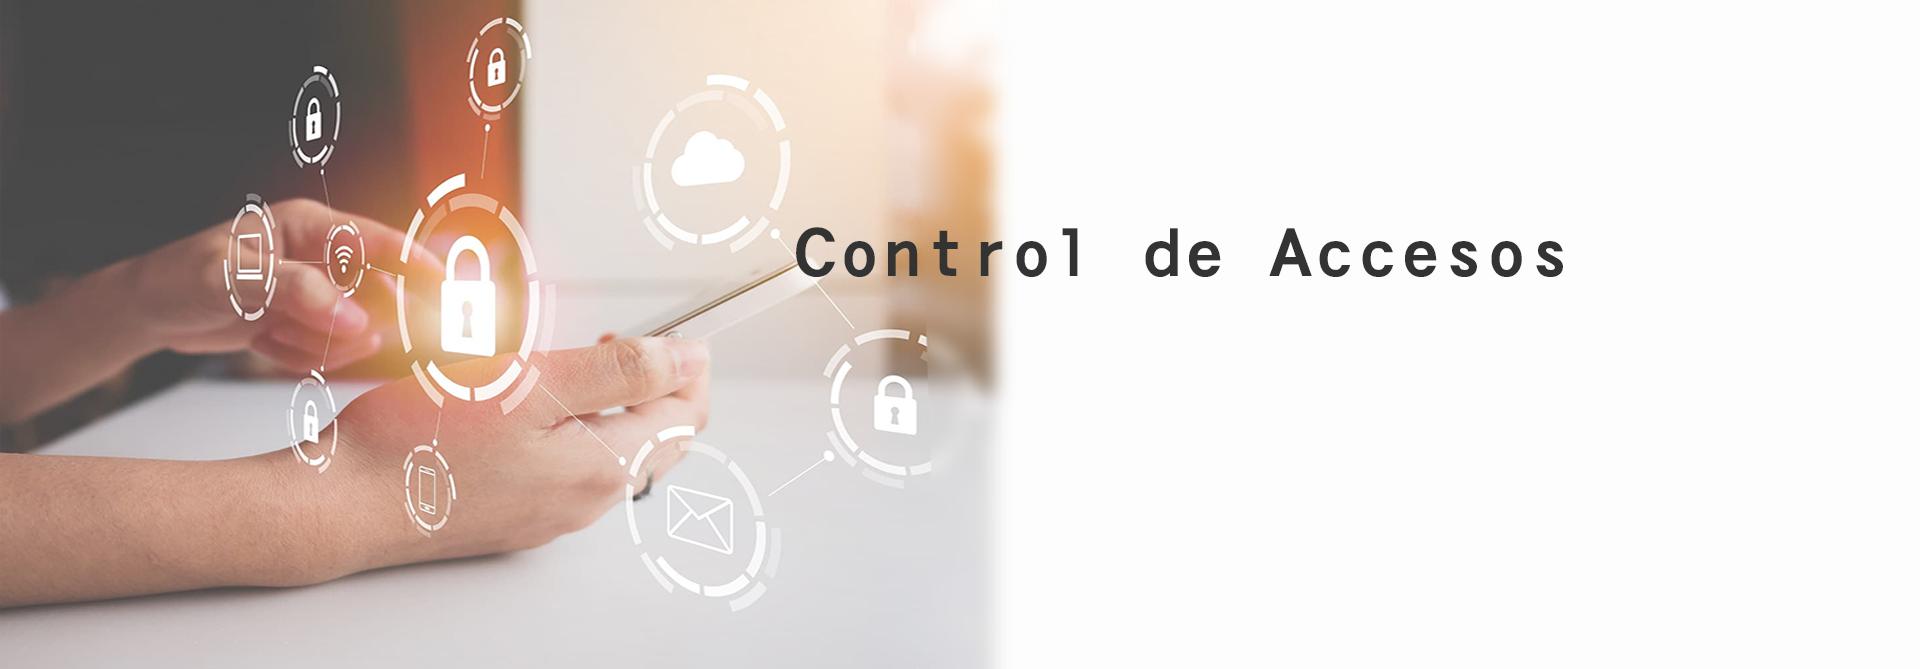 CONTROL ACCESOS MARBELLA